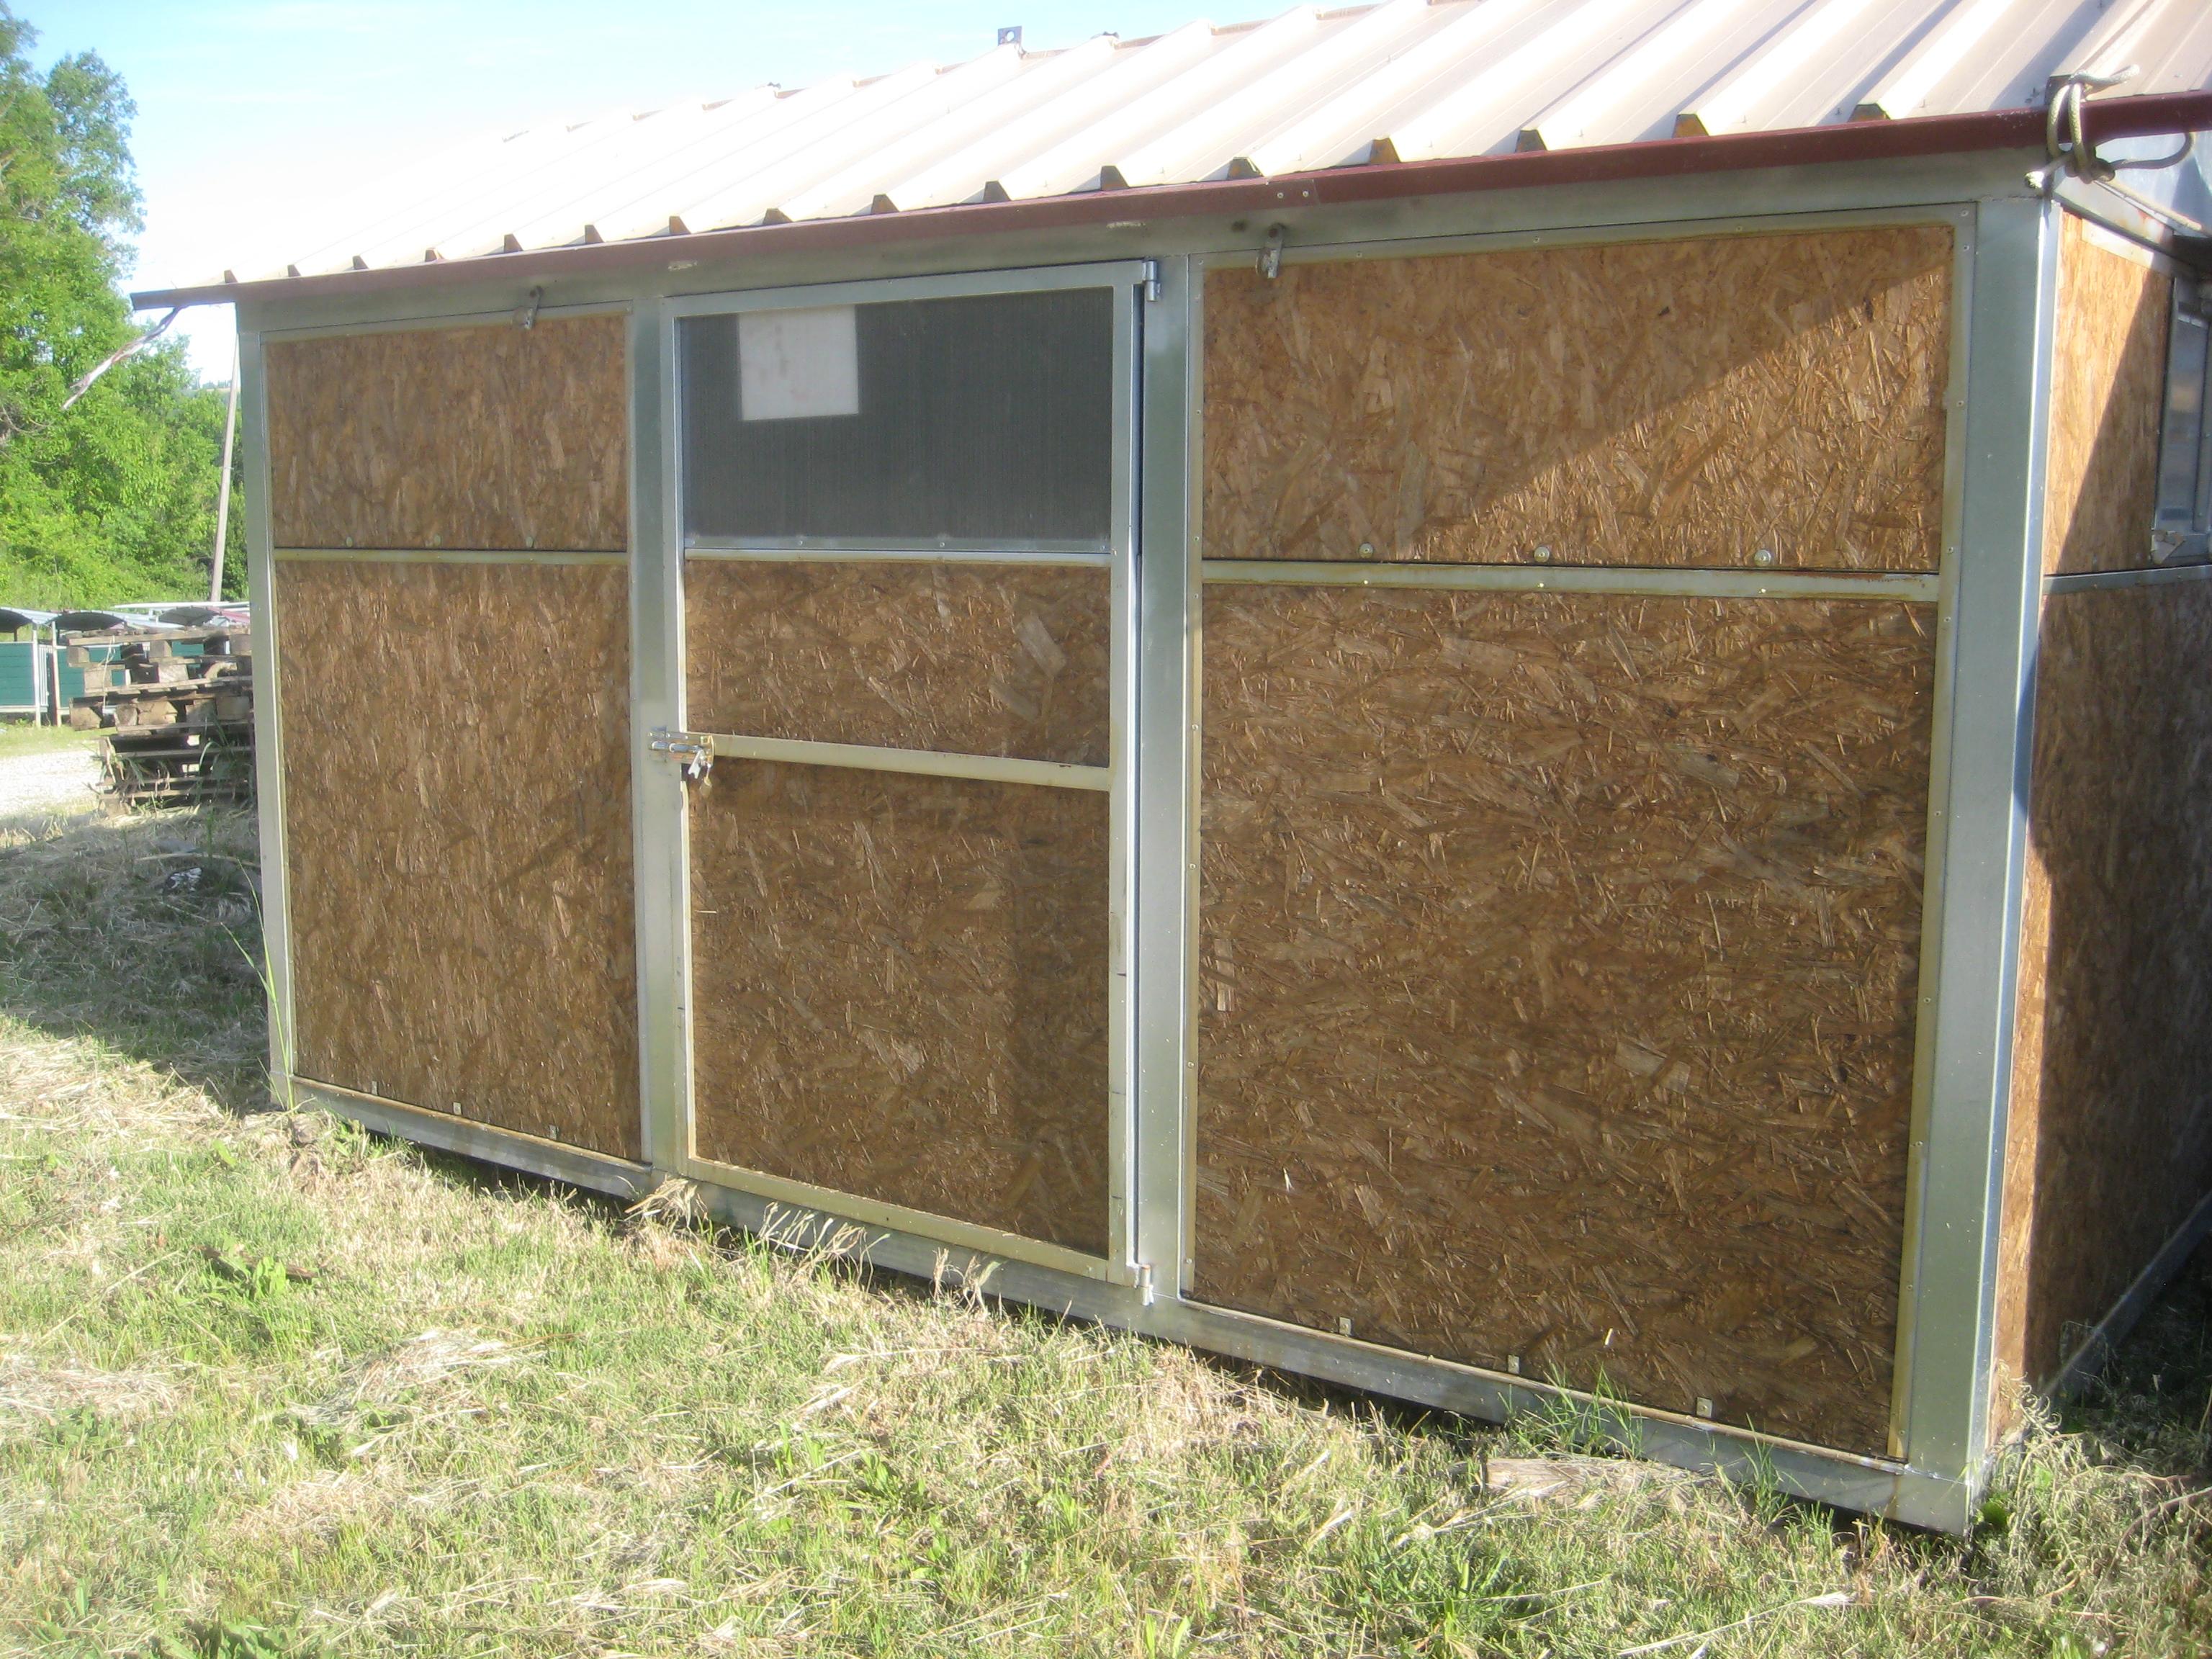 casina i  legno 4x2 5x2 6x2